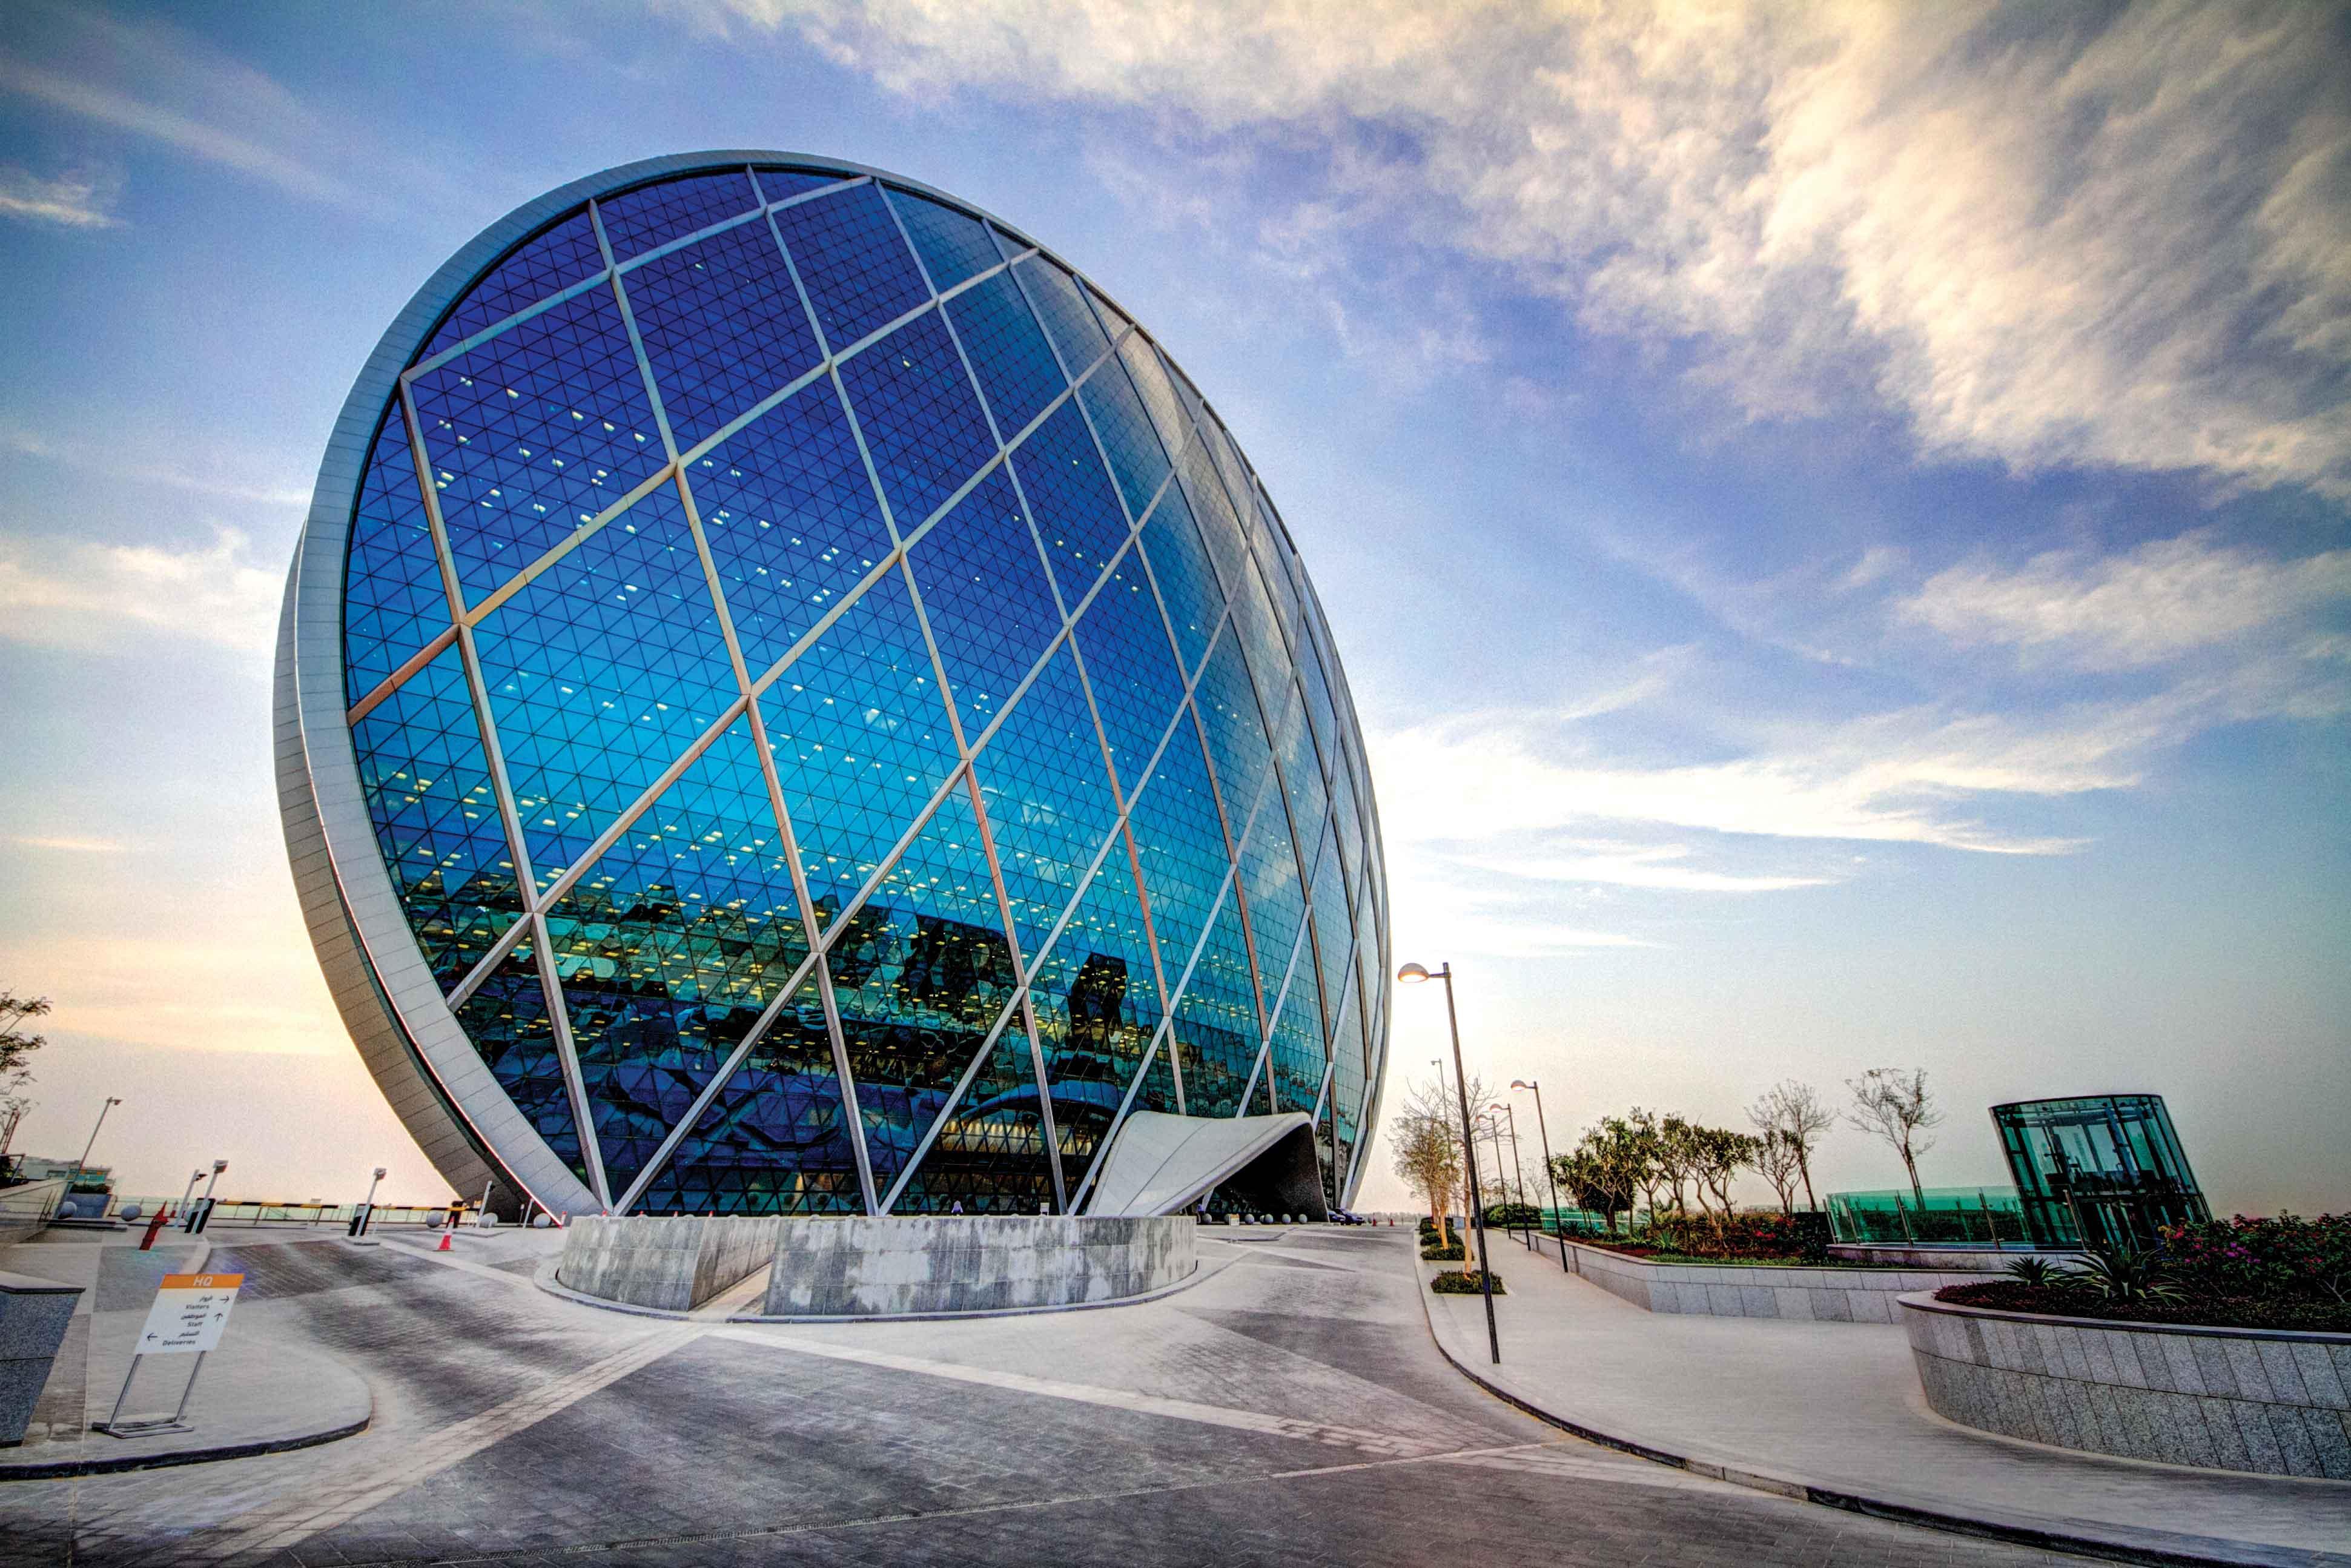 Abu Dhabi Private Tours & UAE Trip | Enchanting Travels